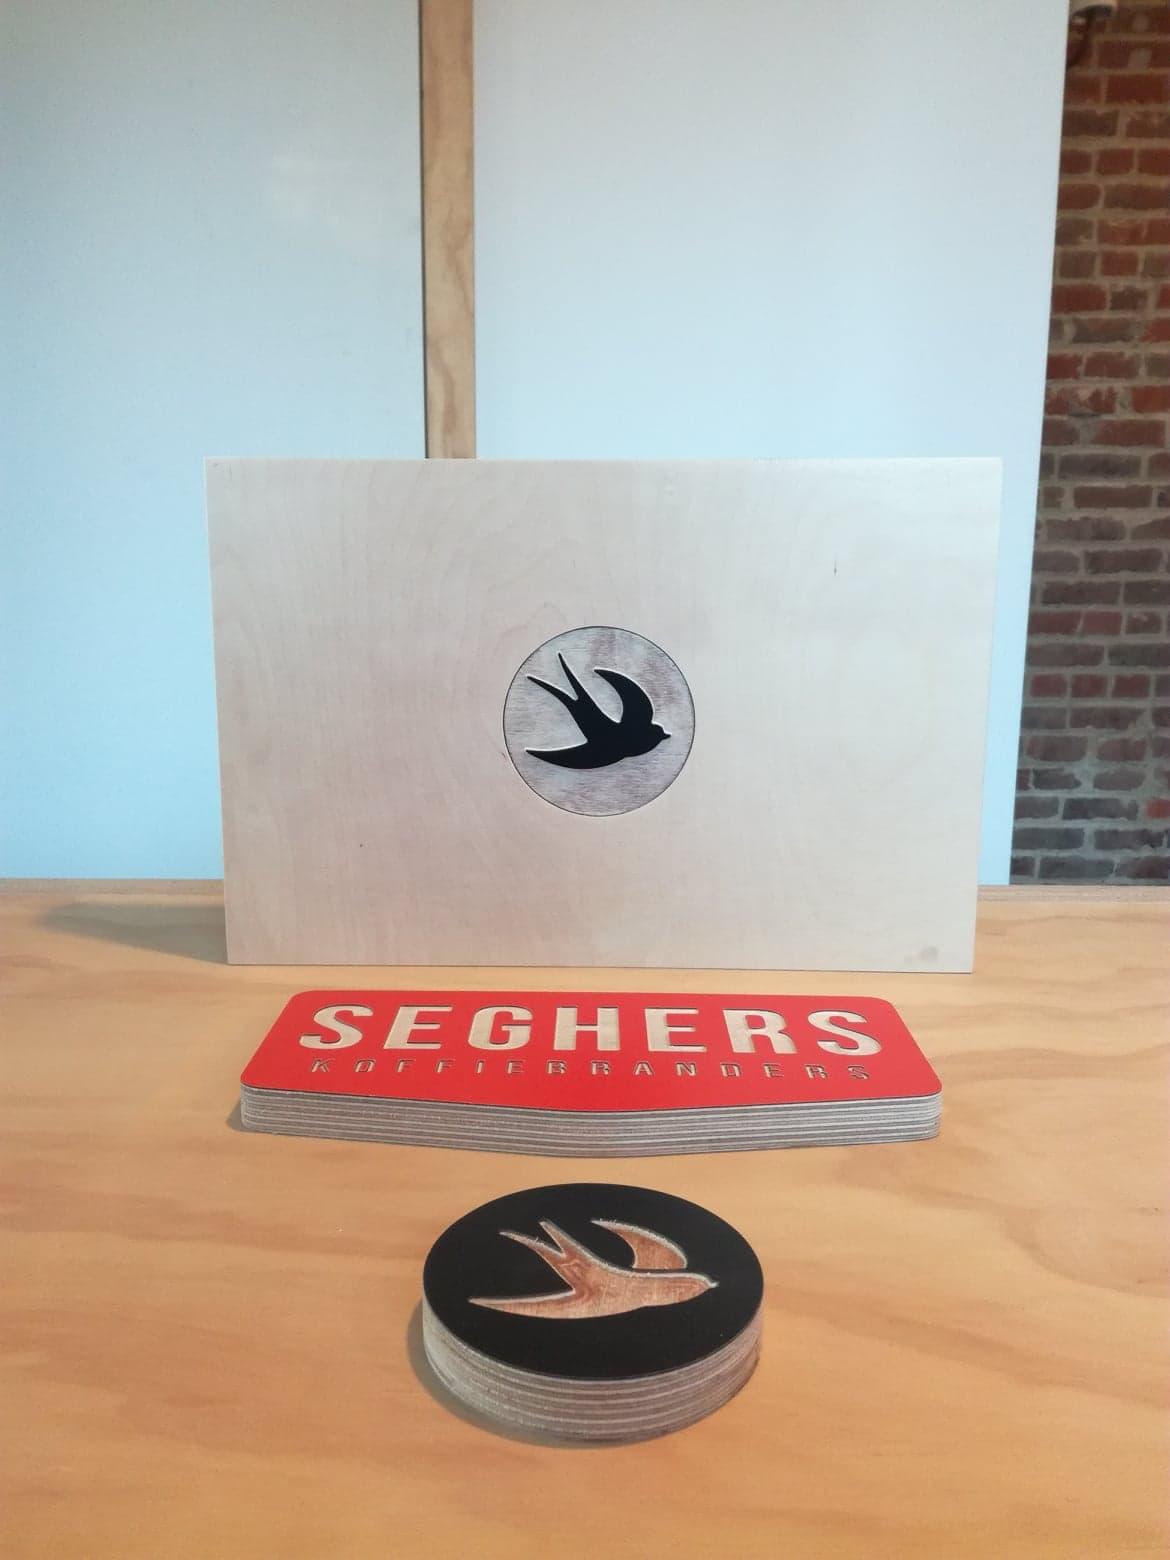 Display Seghers Koffiebranders 2.jpg